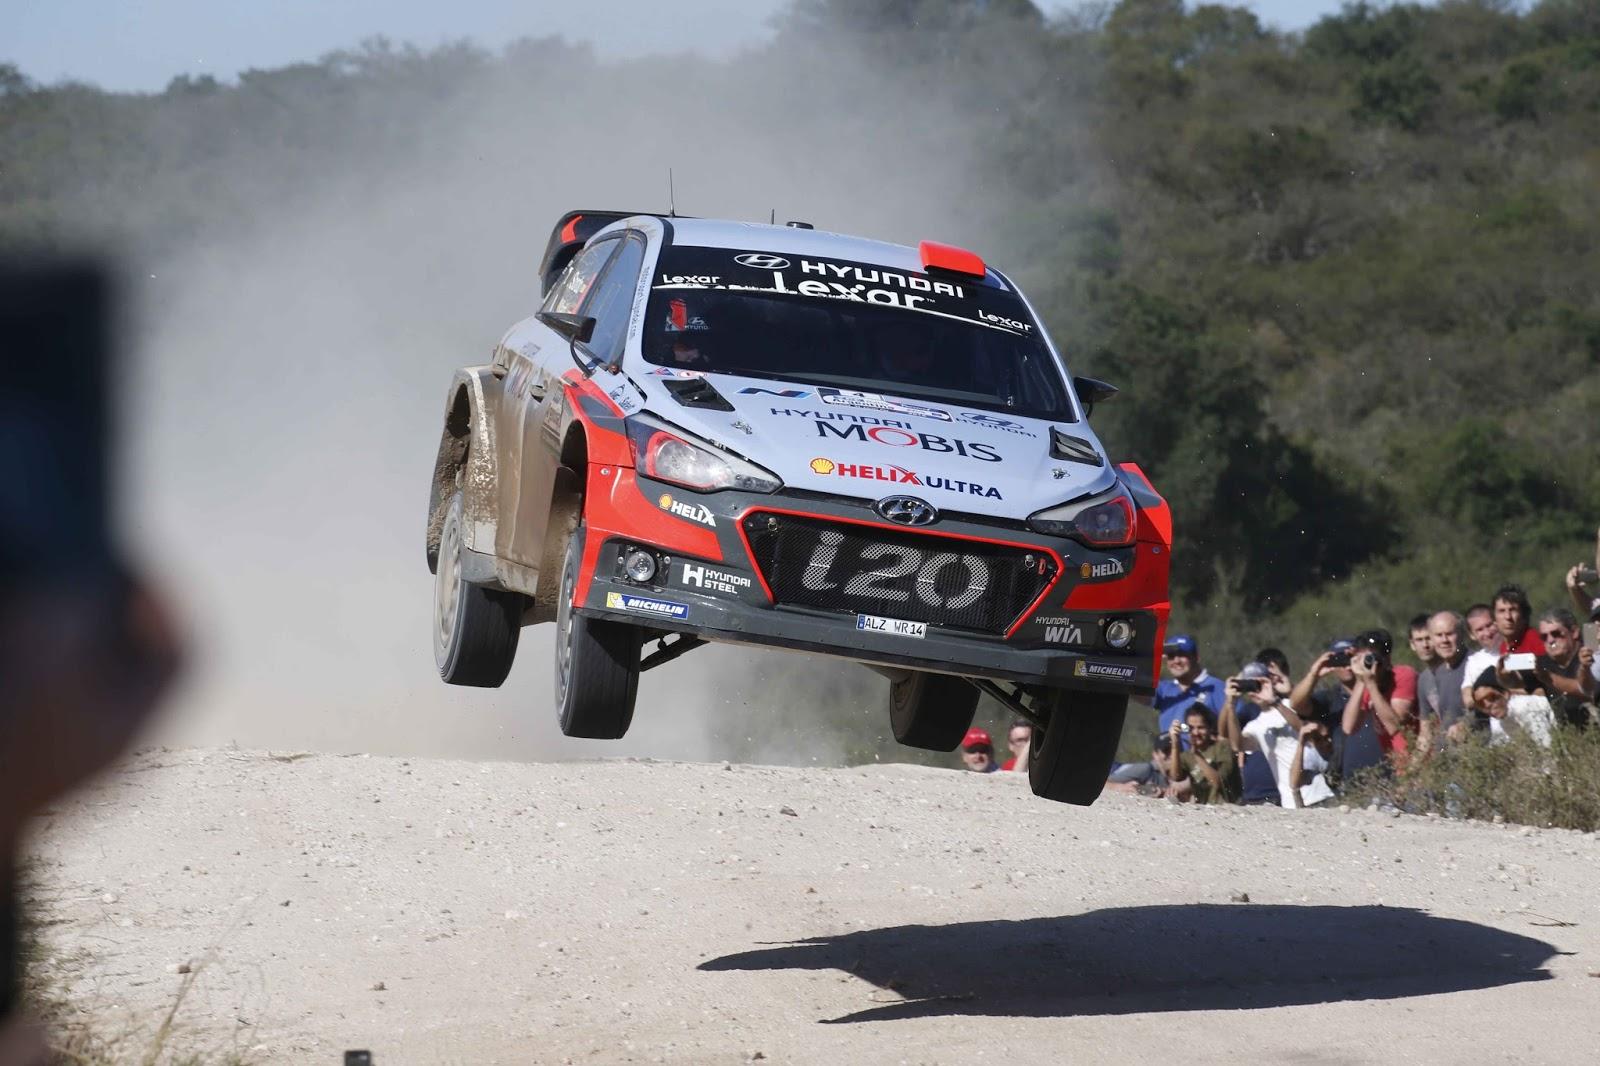 160425 WRC2BArgentina2BWinning2B252832529 Η Hyundai Motorsport τερματίζει πρώτη στο Ράλι Αργεντινής με το Νέας Γενιάς i20 WRC Hyundai, Hyundai i20 WRC, Motorsport, Rally, videos, WRC